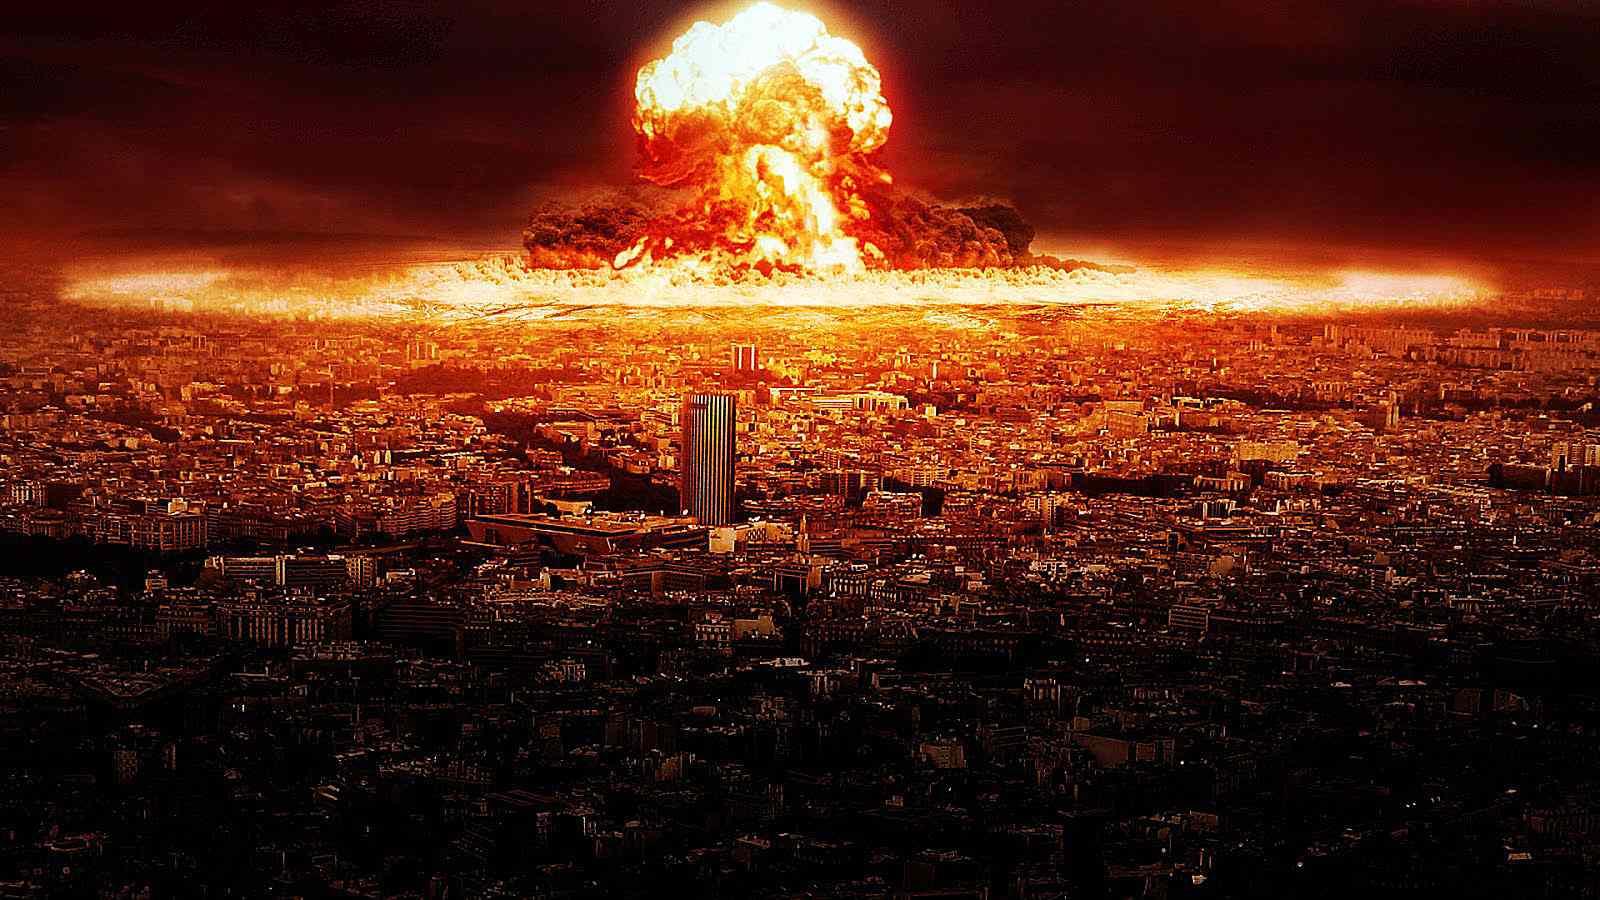 %D9%81%D9%8A%D8%B3-%D8%A8%D9%88%D9%83-2 الأزمة لديها سلاح نووي قد يمحي فيس بوك من الوجود